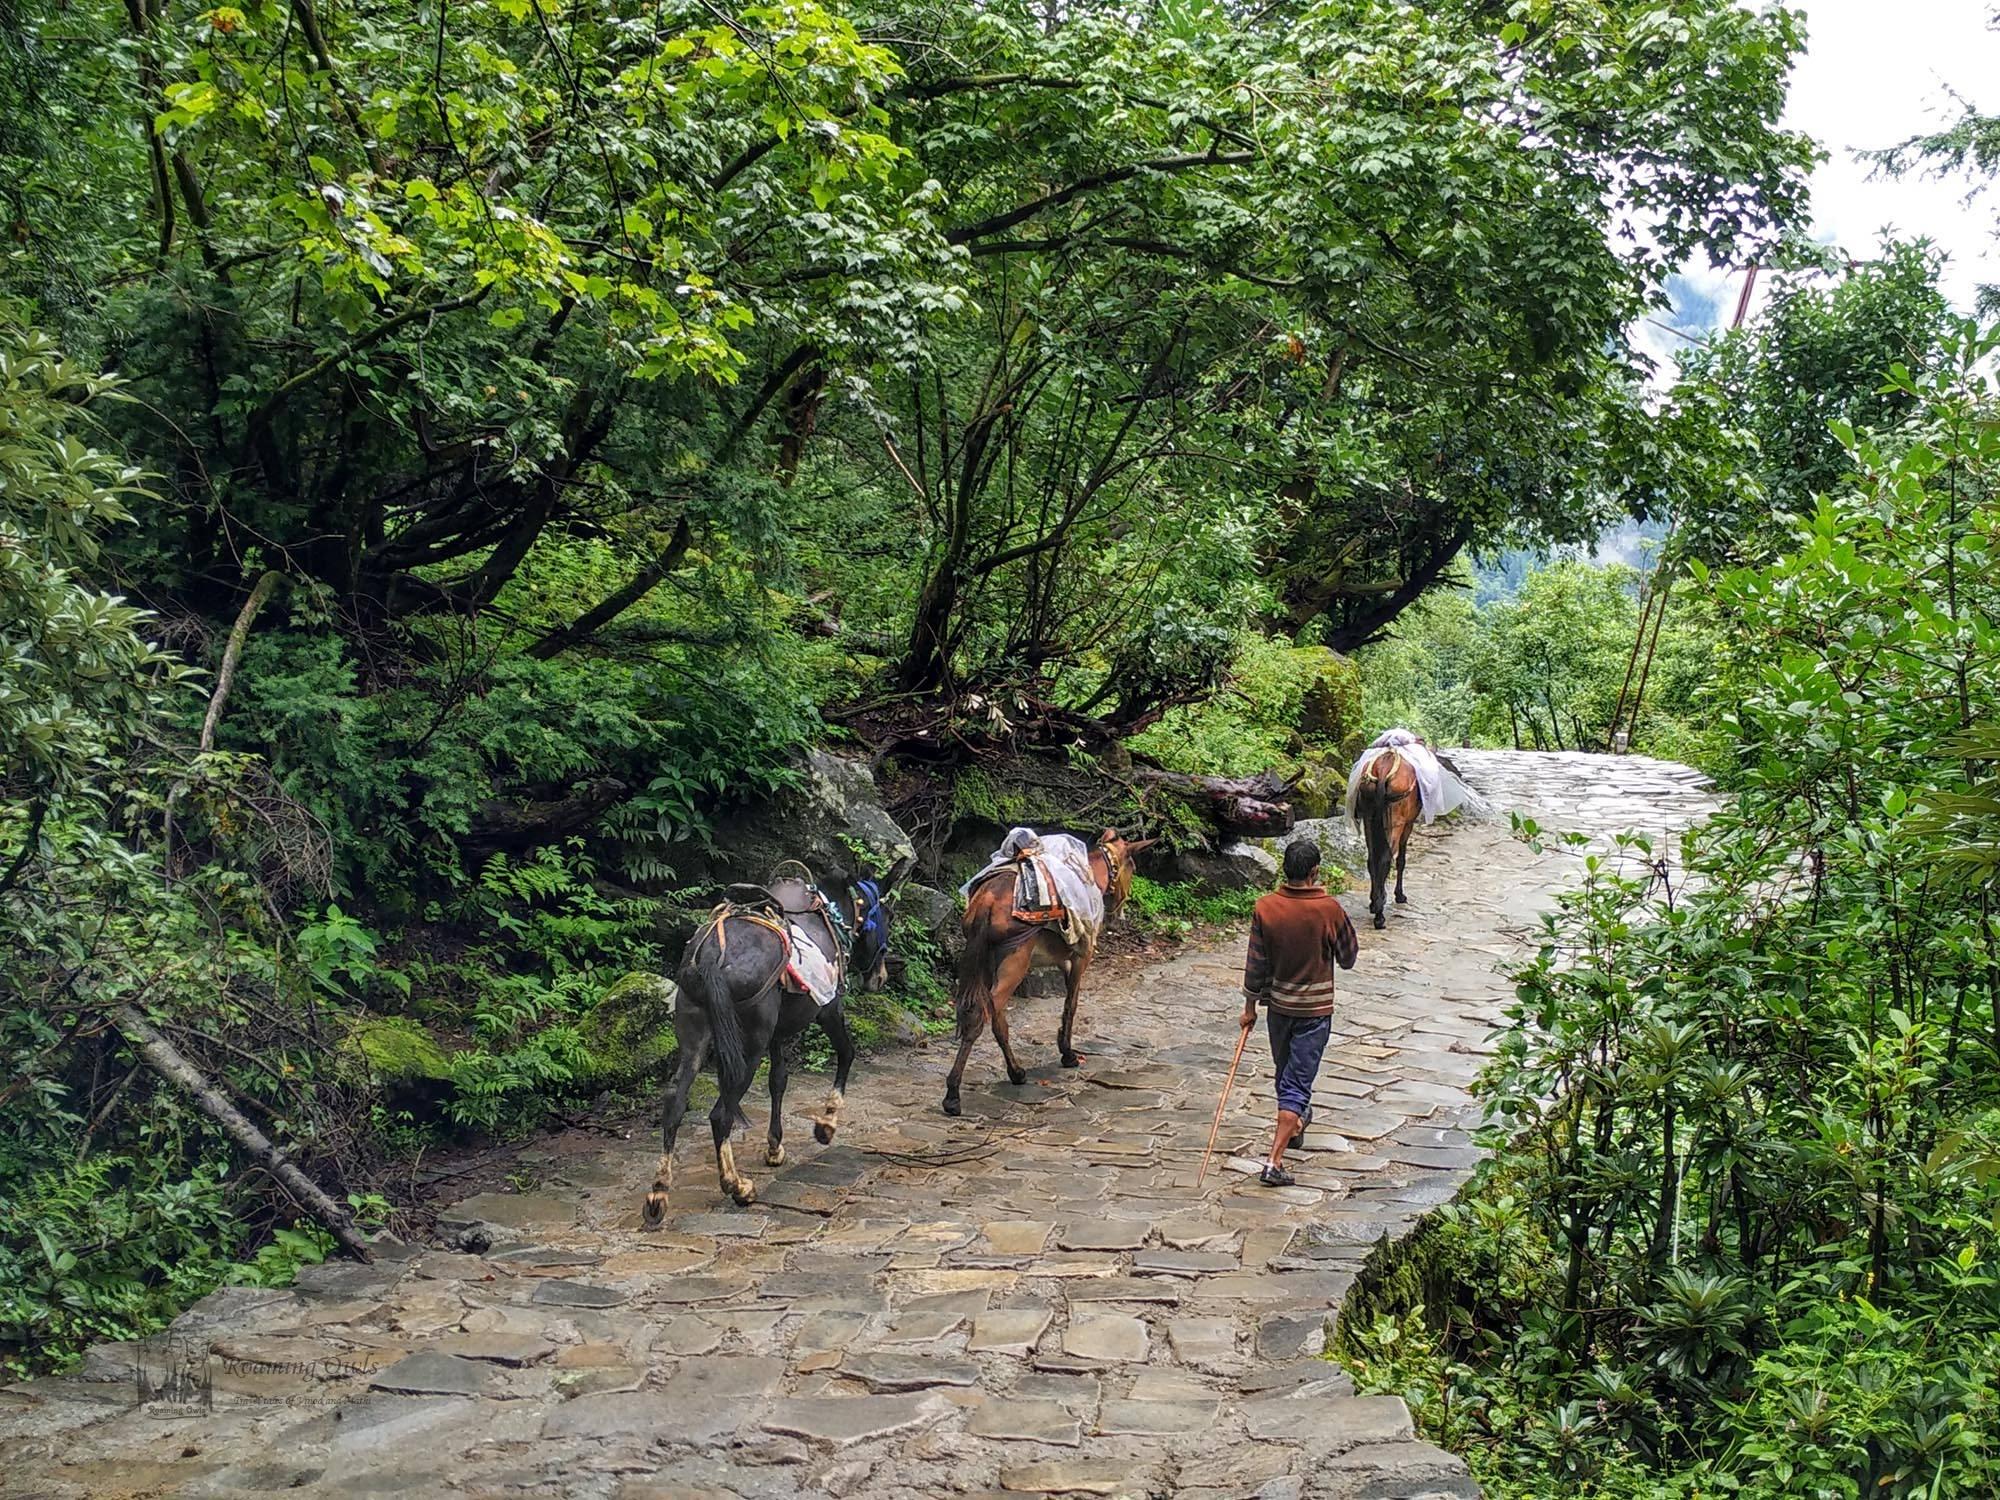 Ghangaria trek,valleyof flowers trek,vof trek,bridal trail india